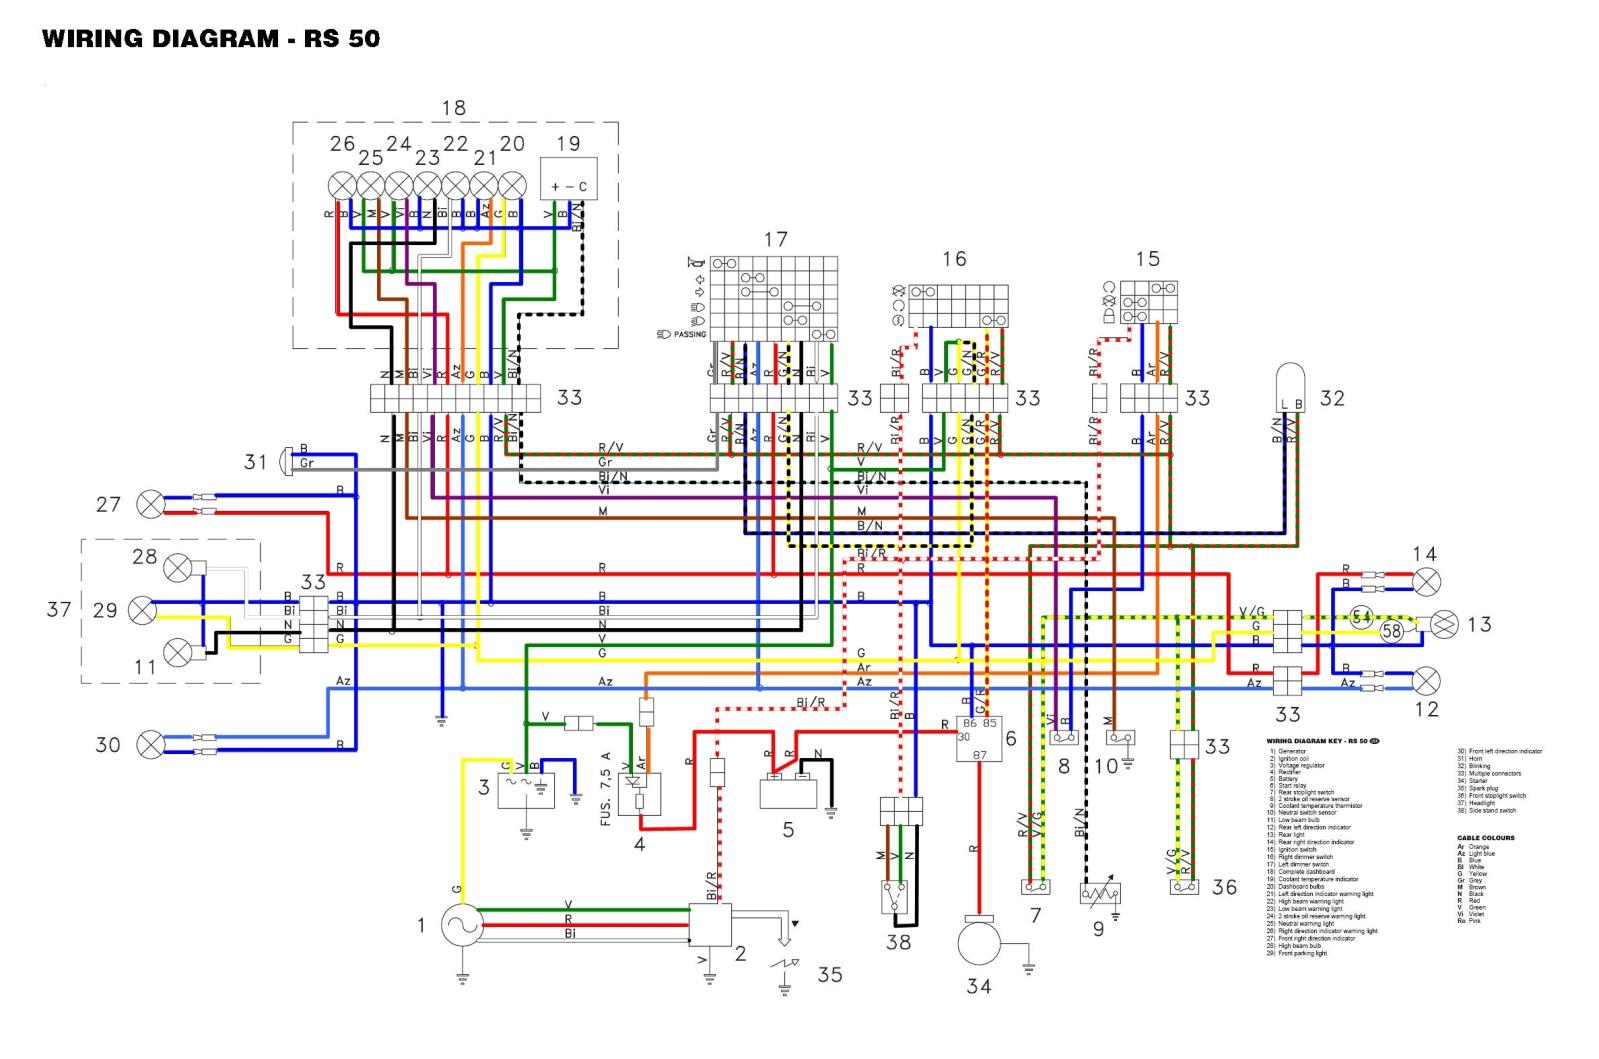 Elektrik Albatros Bj 92 - absolut nichts zu finden - Bitte Hilfe ...